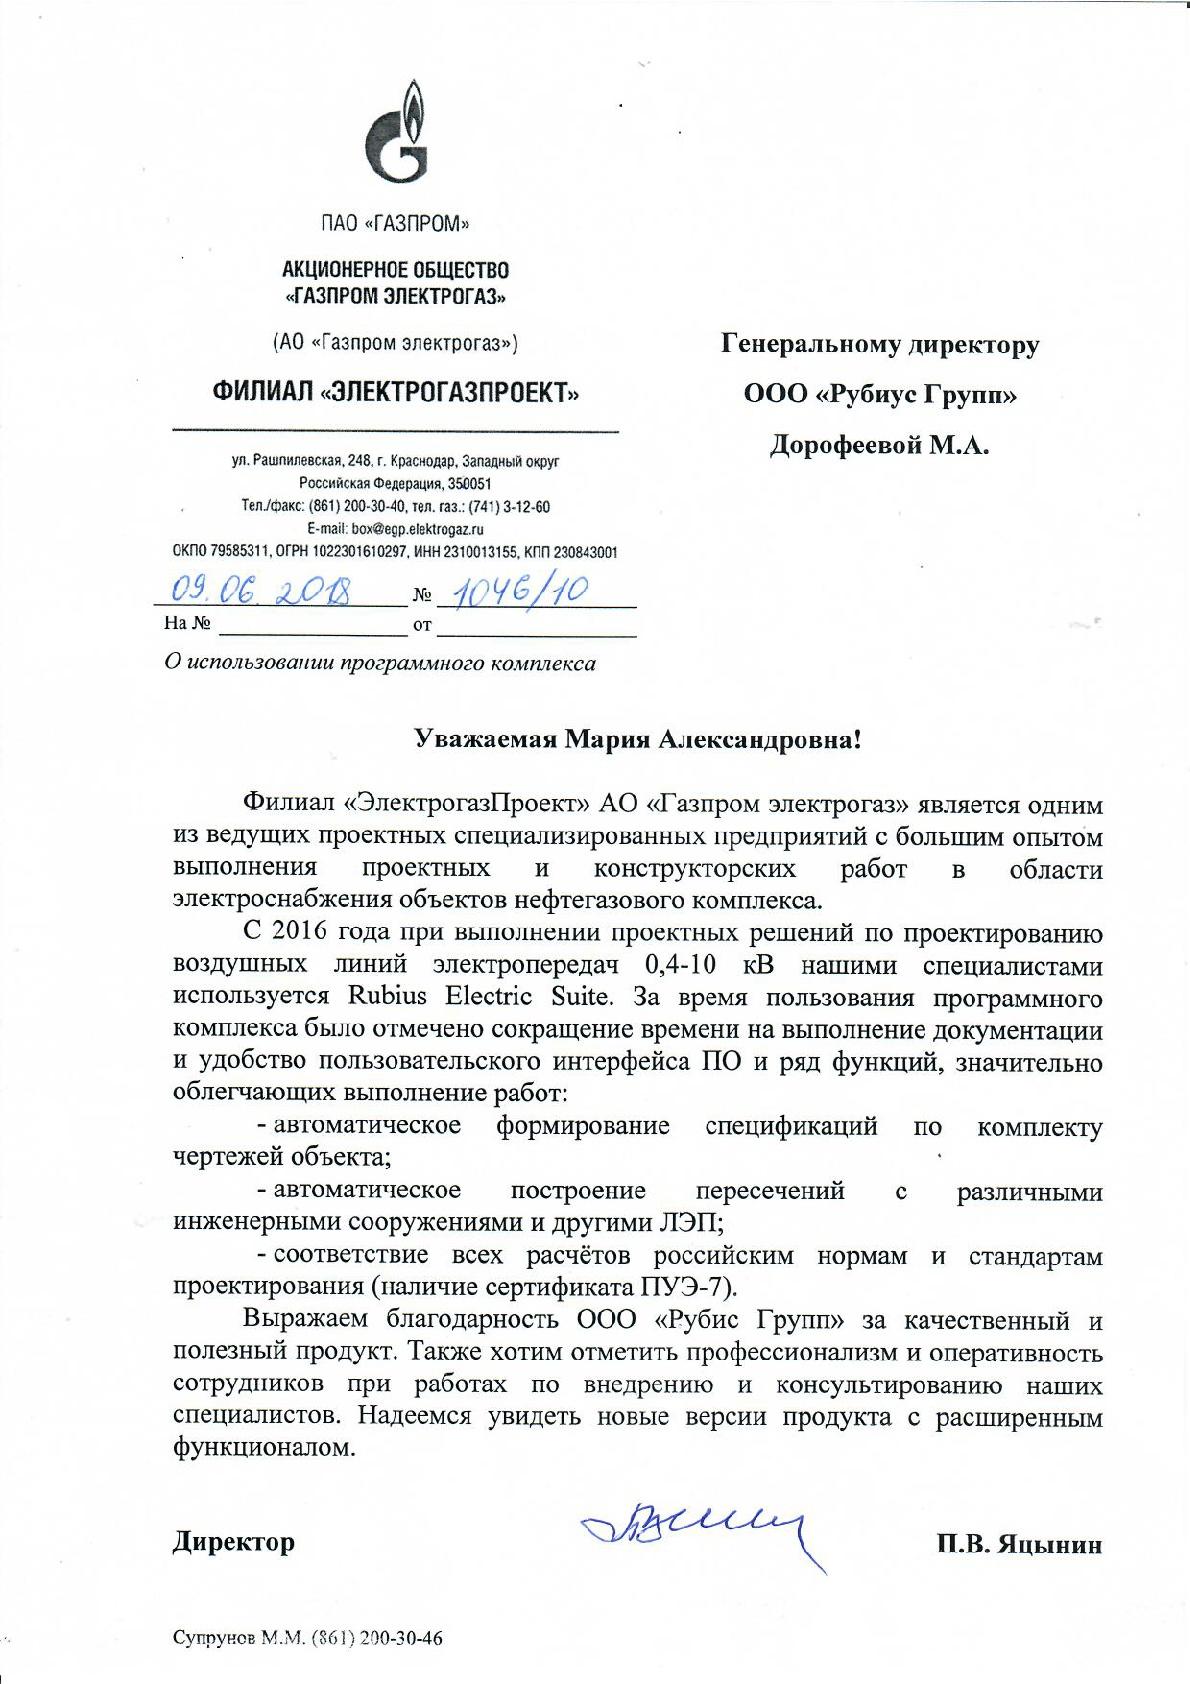 """Отзыв о Rubius Electric Suite от АО """"Газпром электрогаз"""""""